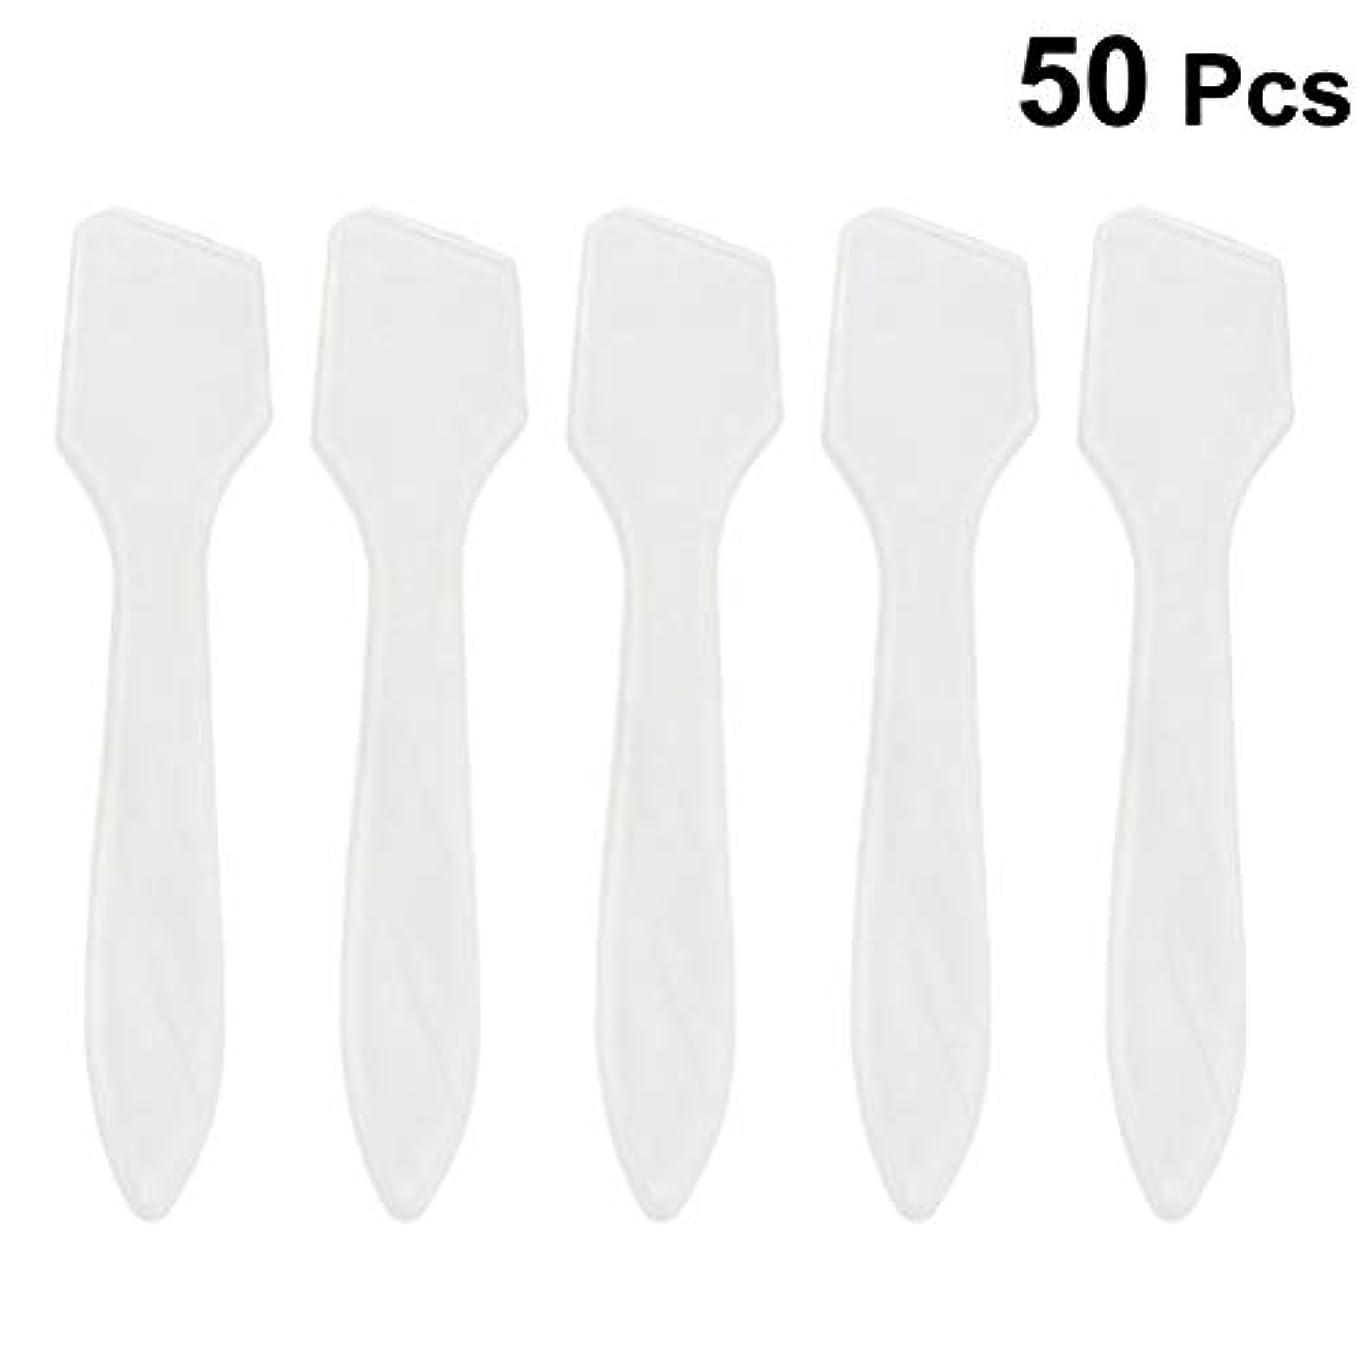 可能にする機密捧げるSUPVOX 50ピース化粧品スキンケアフェイスクリームマスク混合ヘラアプリケータツール